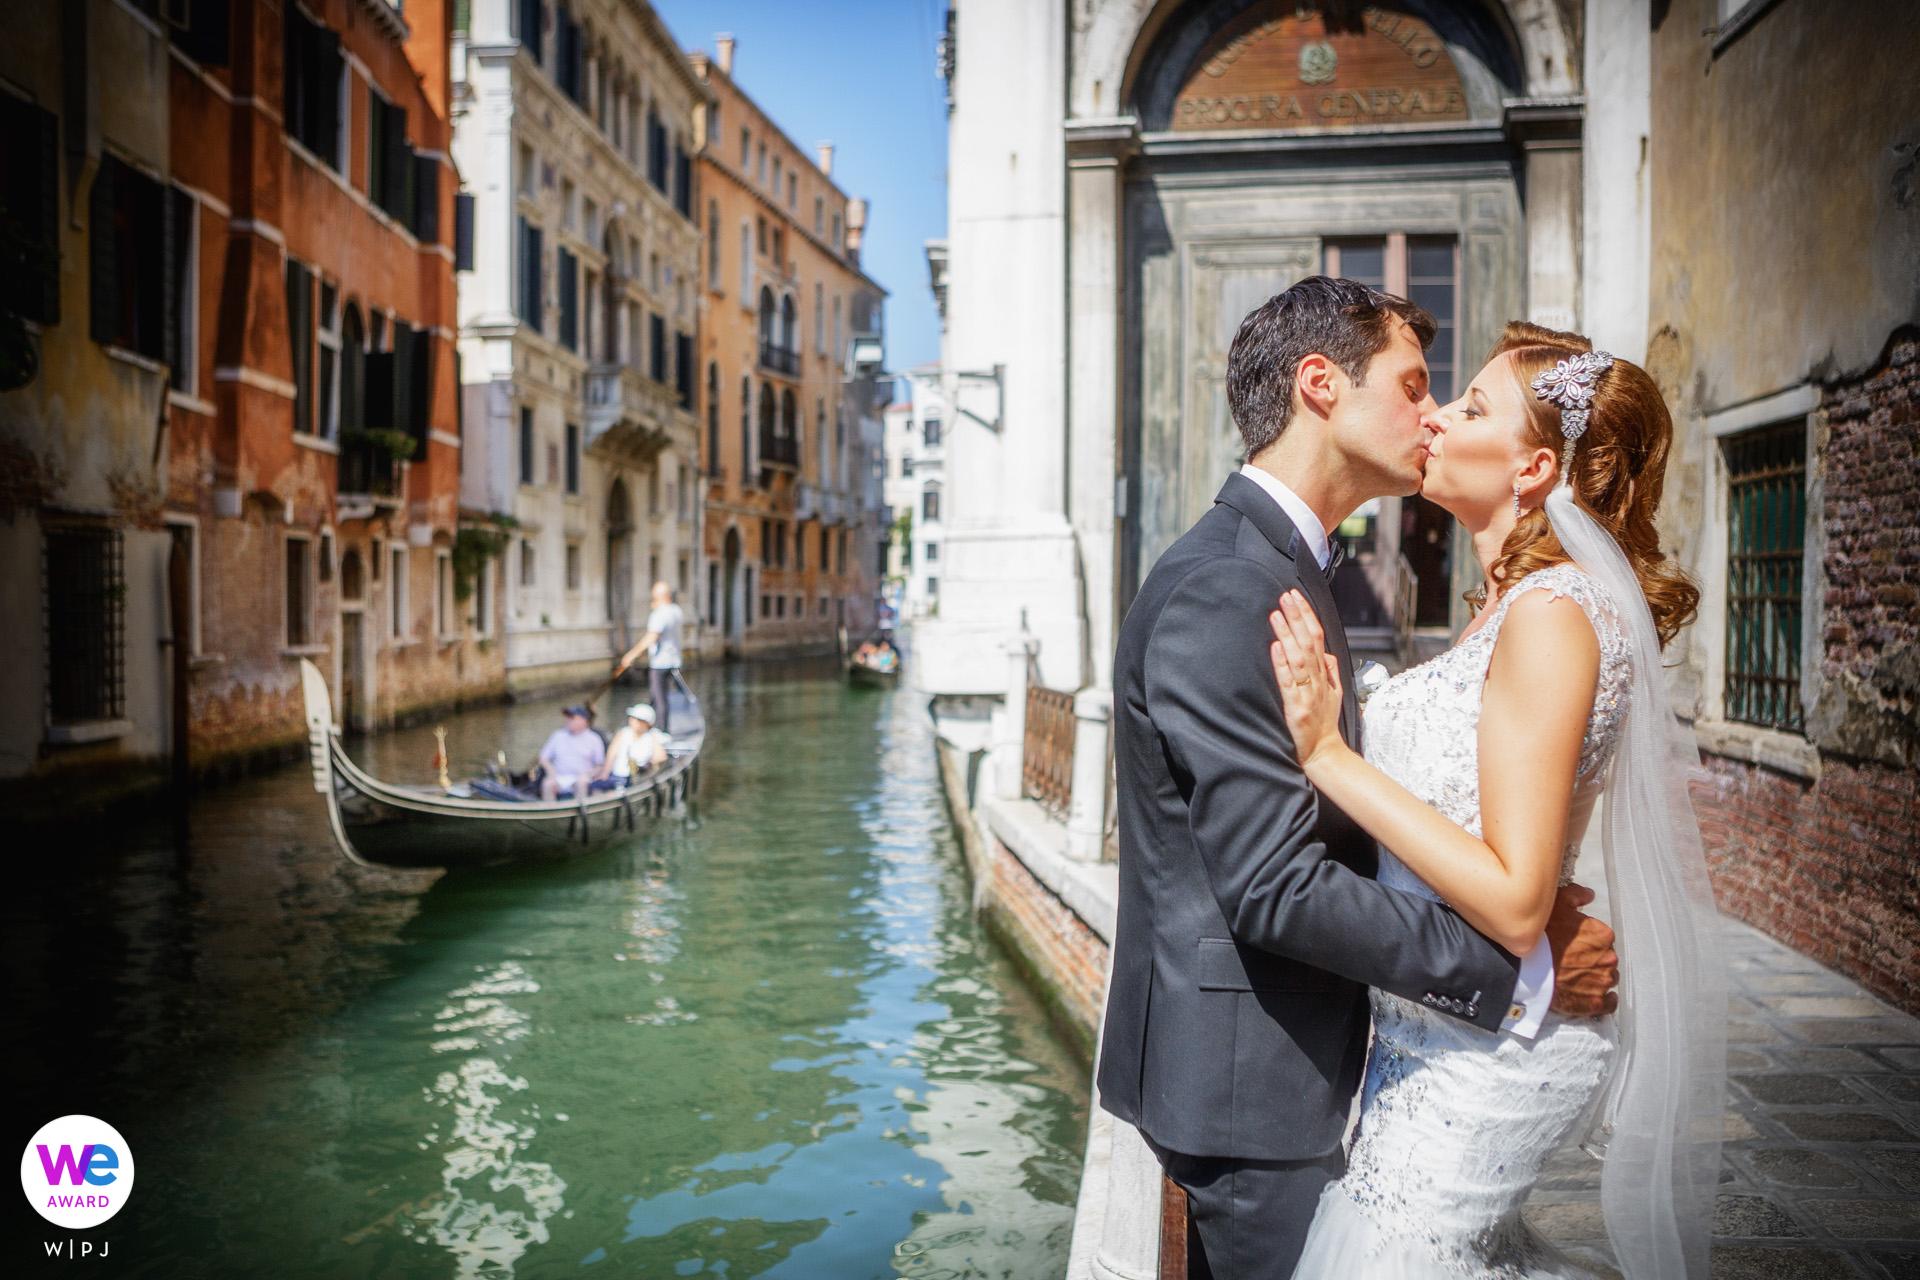 Venecia, Italia Historia romántica de la foto de Elopement | La pareja salió a caminar y tomó algunas fotos románticas, disfrutando de la magia de Venecia.